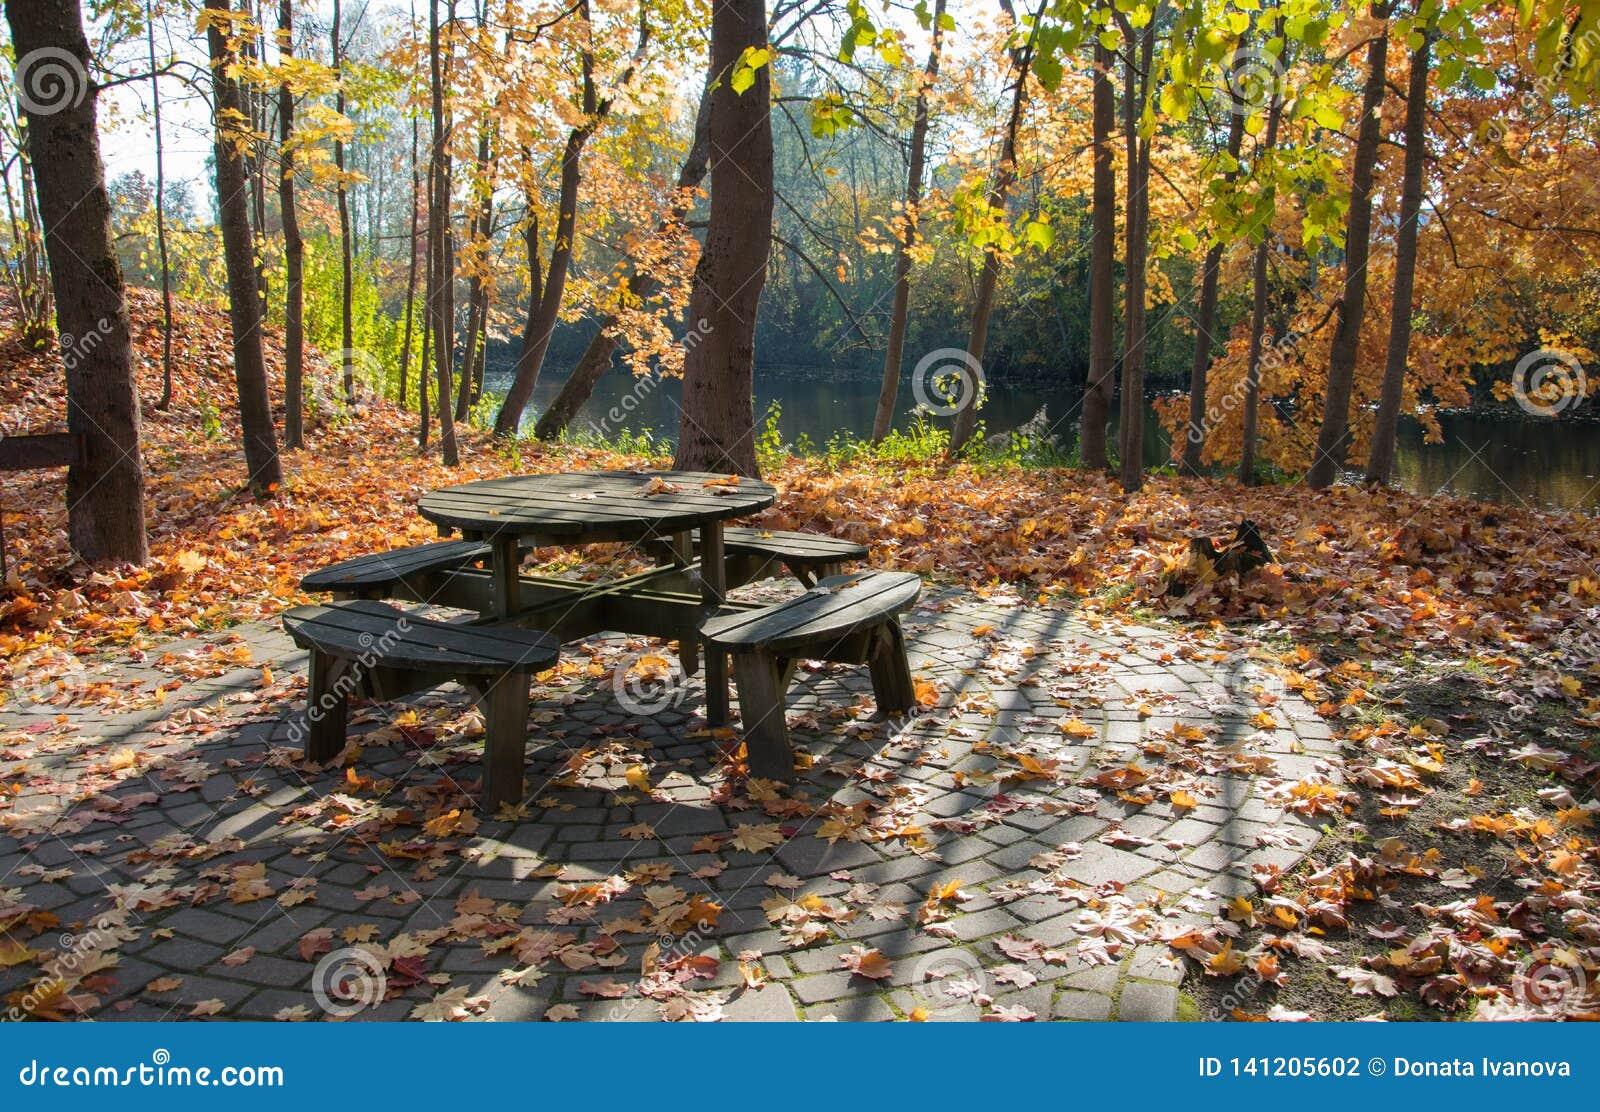 Μια άνετη γωνία για τη χαλάρωση στο πάρκο φθινοπώρου μια φωτεινή ηλιόλουστη ημέρα Χρυσό φθινόπωρο